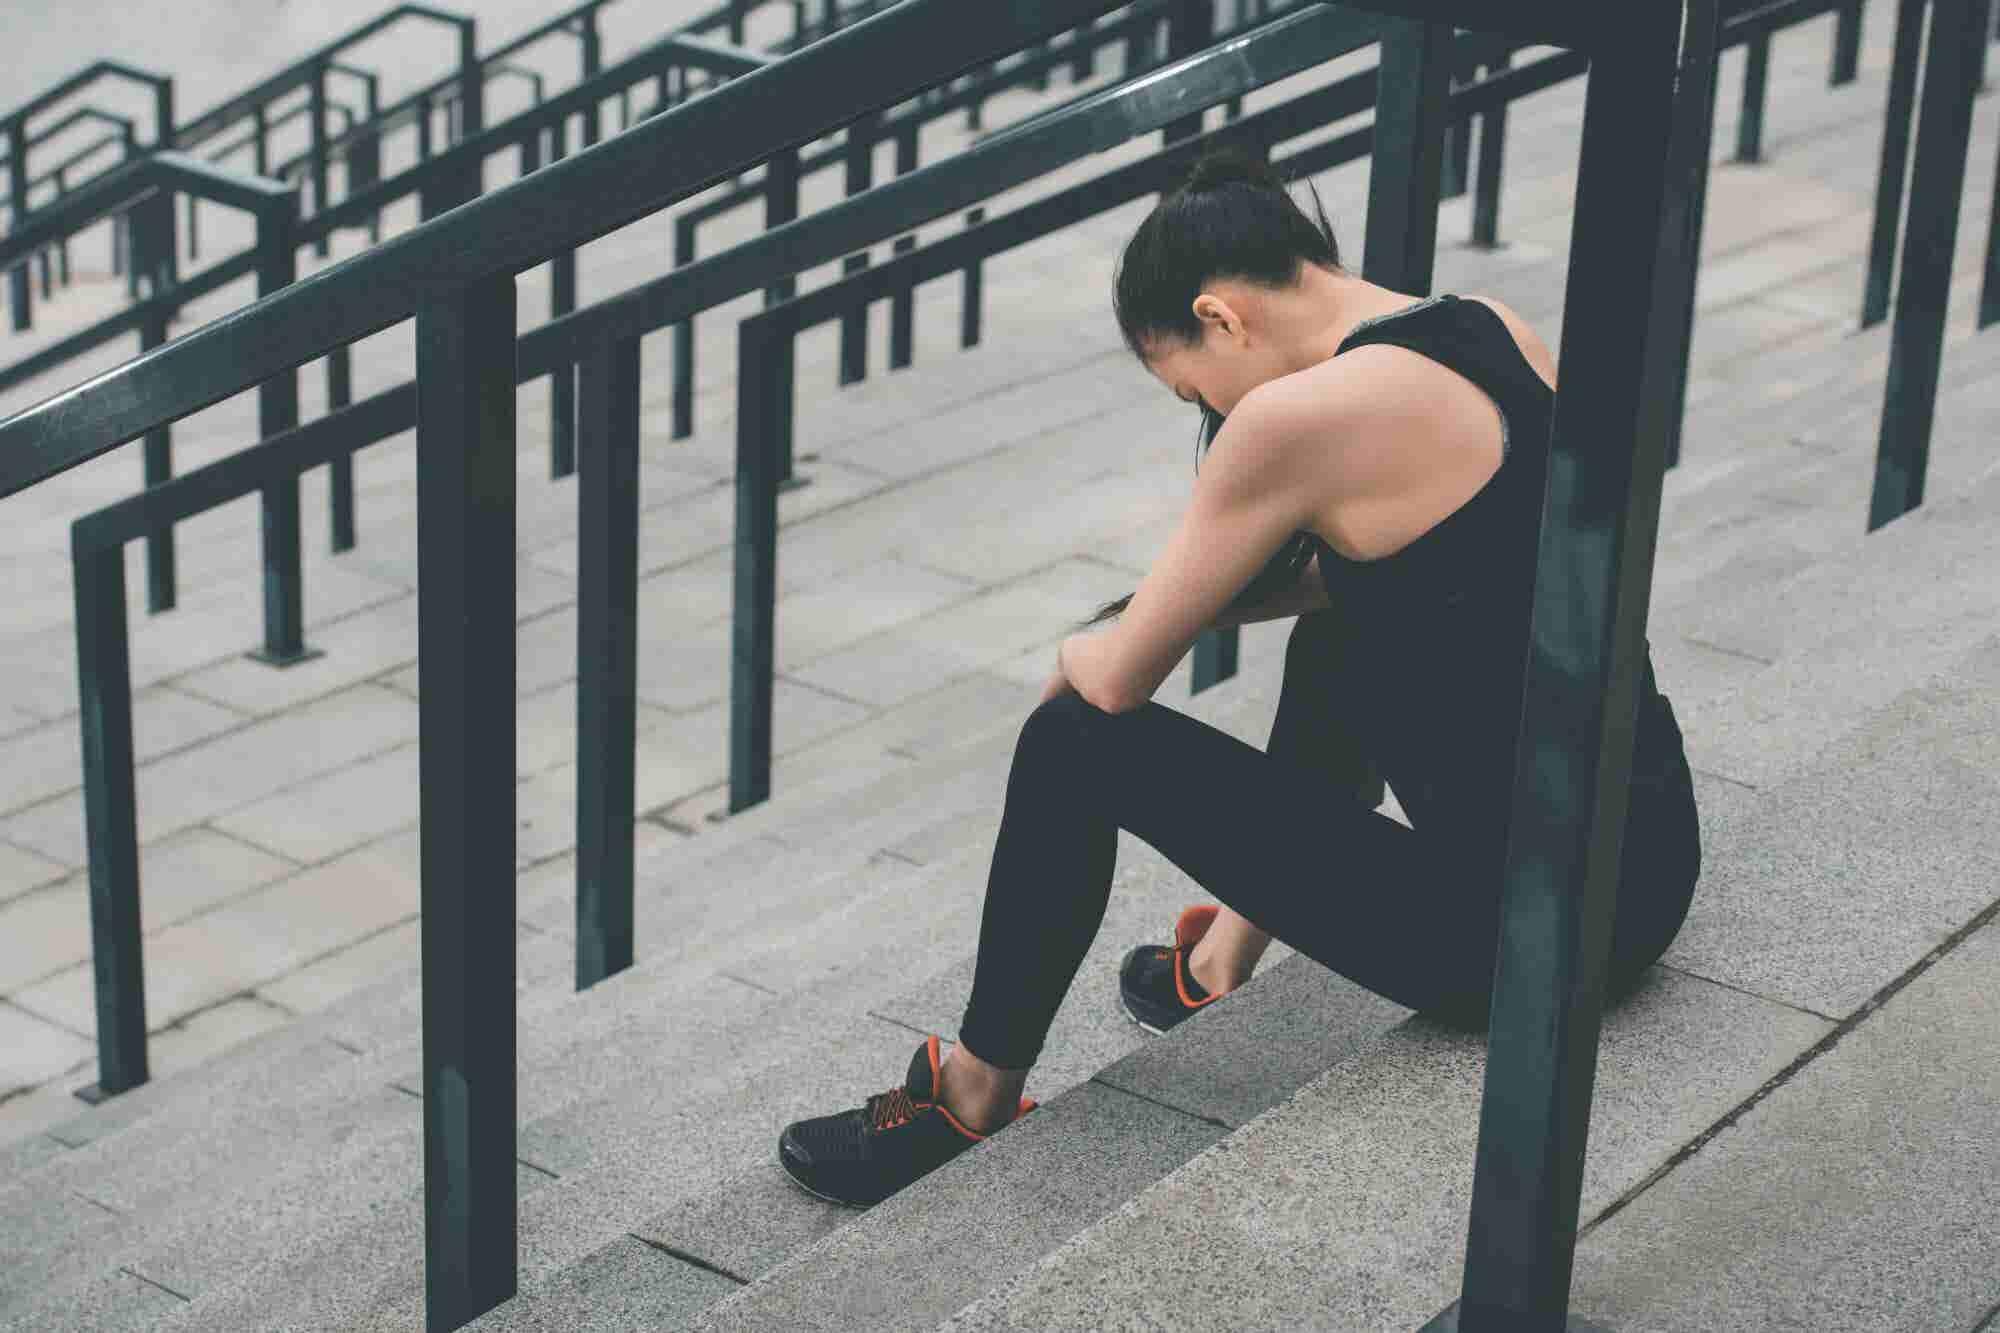 ¿Eres el empleado más mal pagado de tu propio negocio? 3 claves para lograr más trabajando menos horas